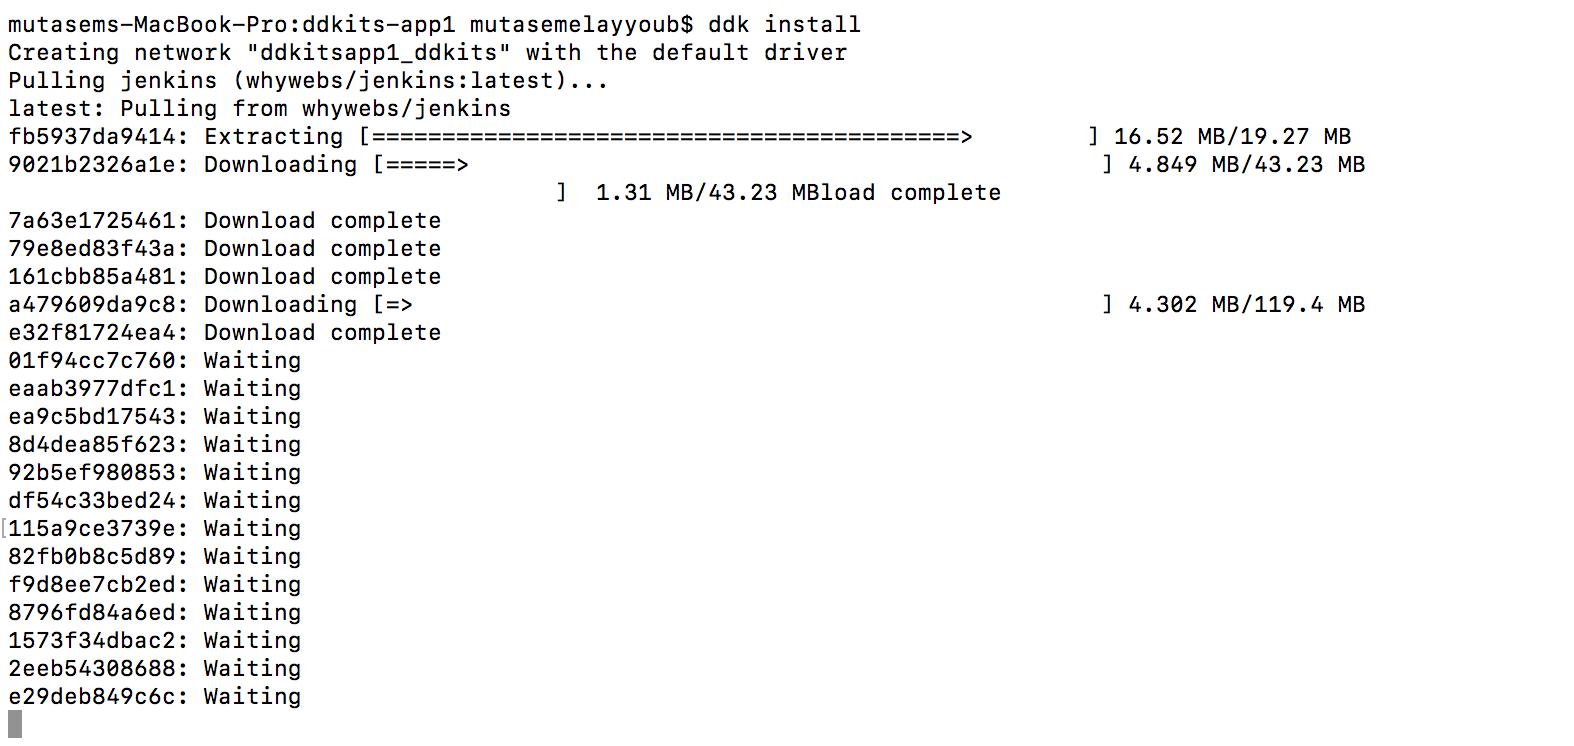 DDKits install